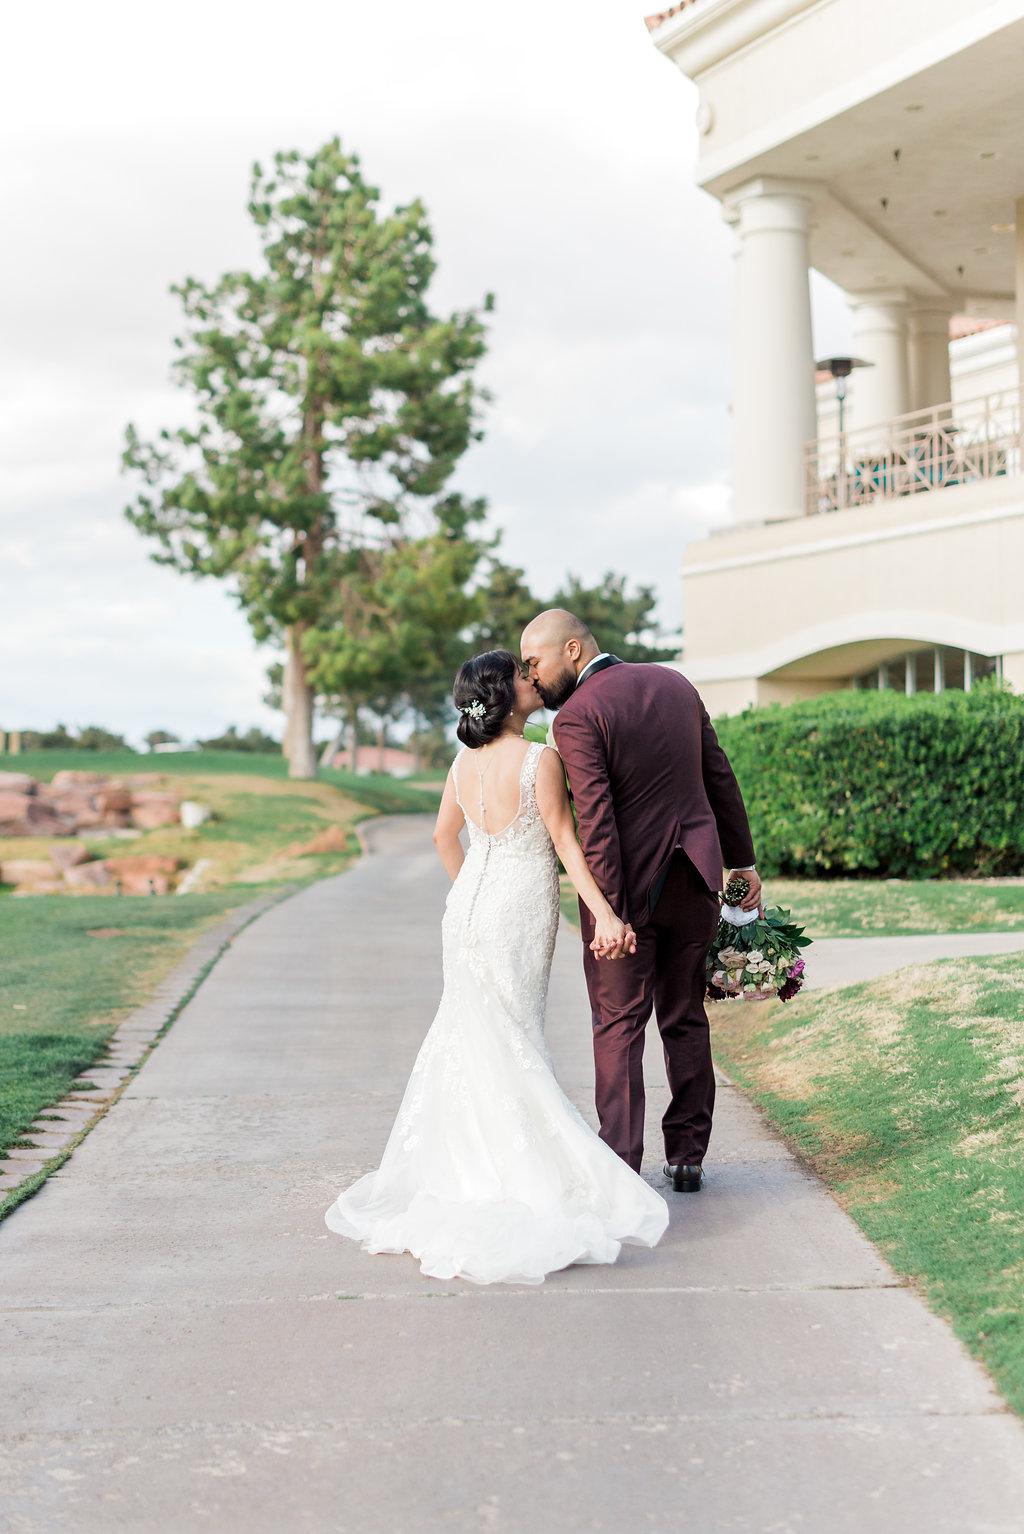 02_bride&groom-212.jpg